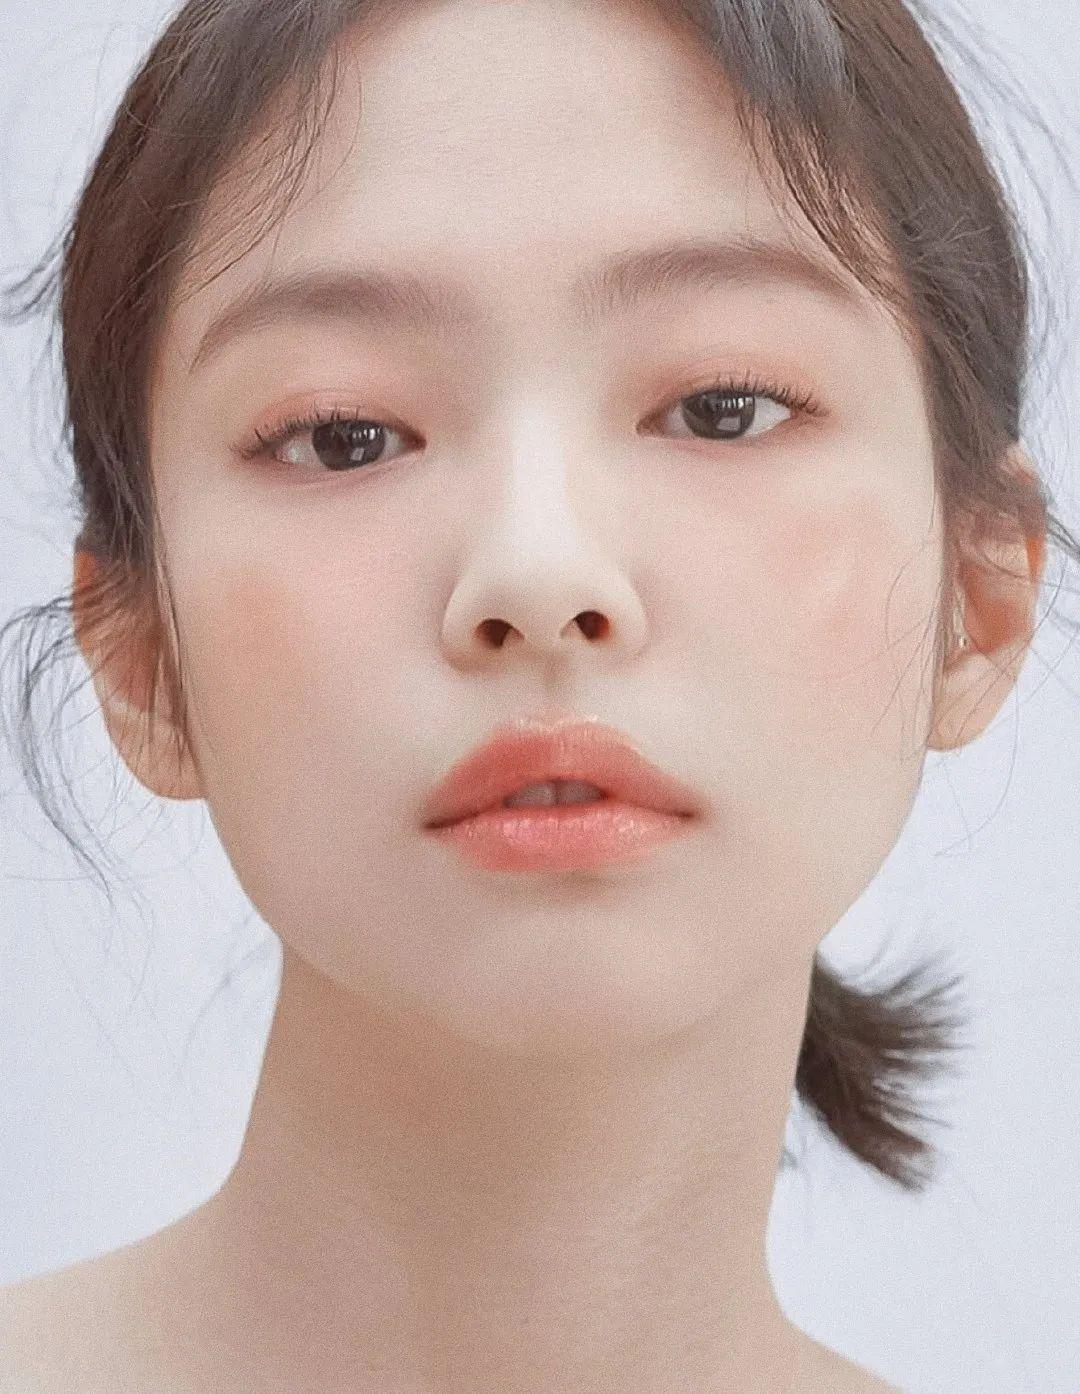 妹子摄影 – Jennie金智妮  美貌小猫咪_图片 No.18